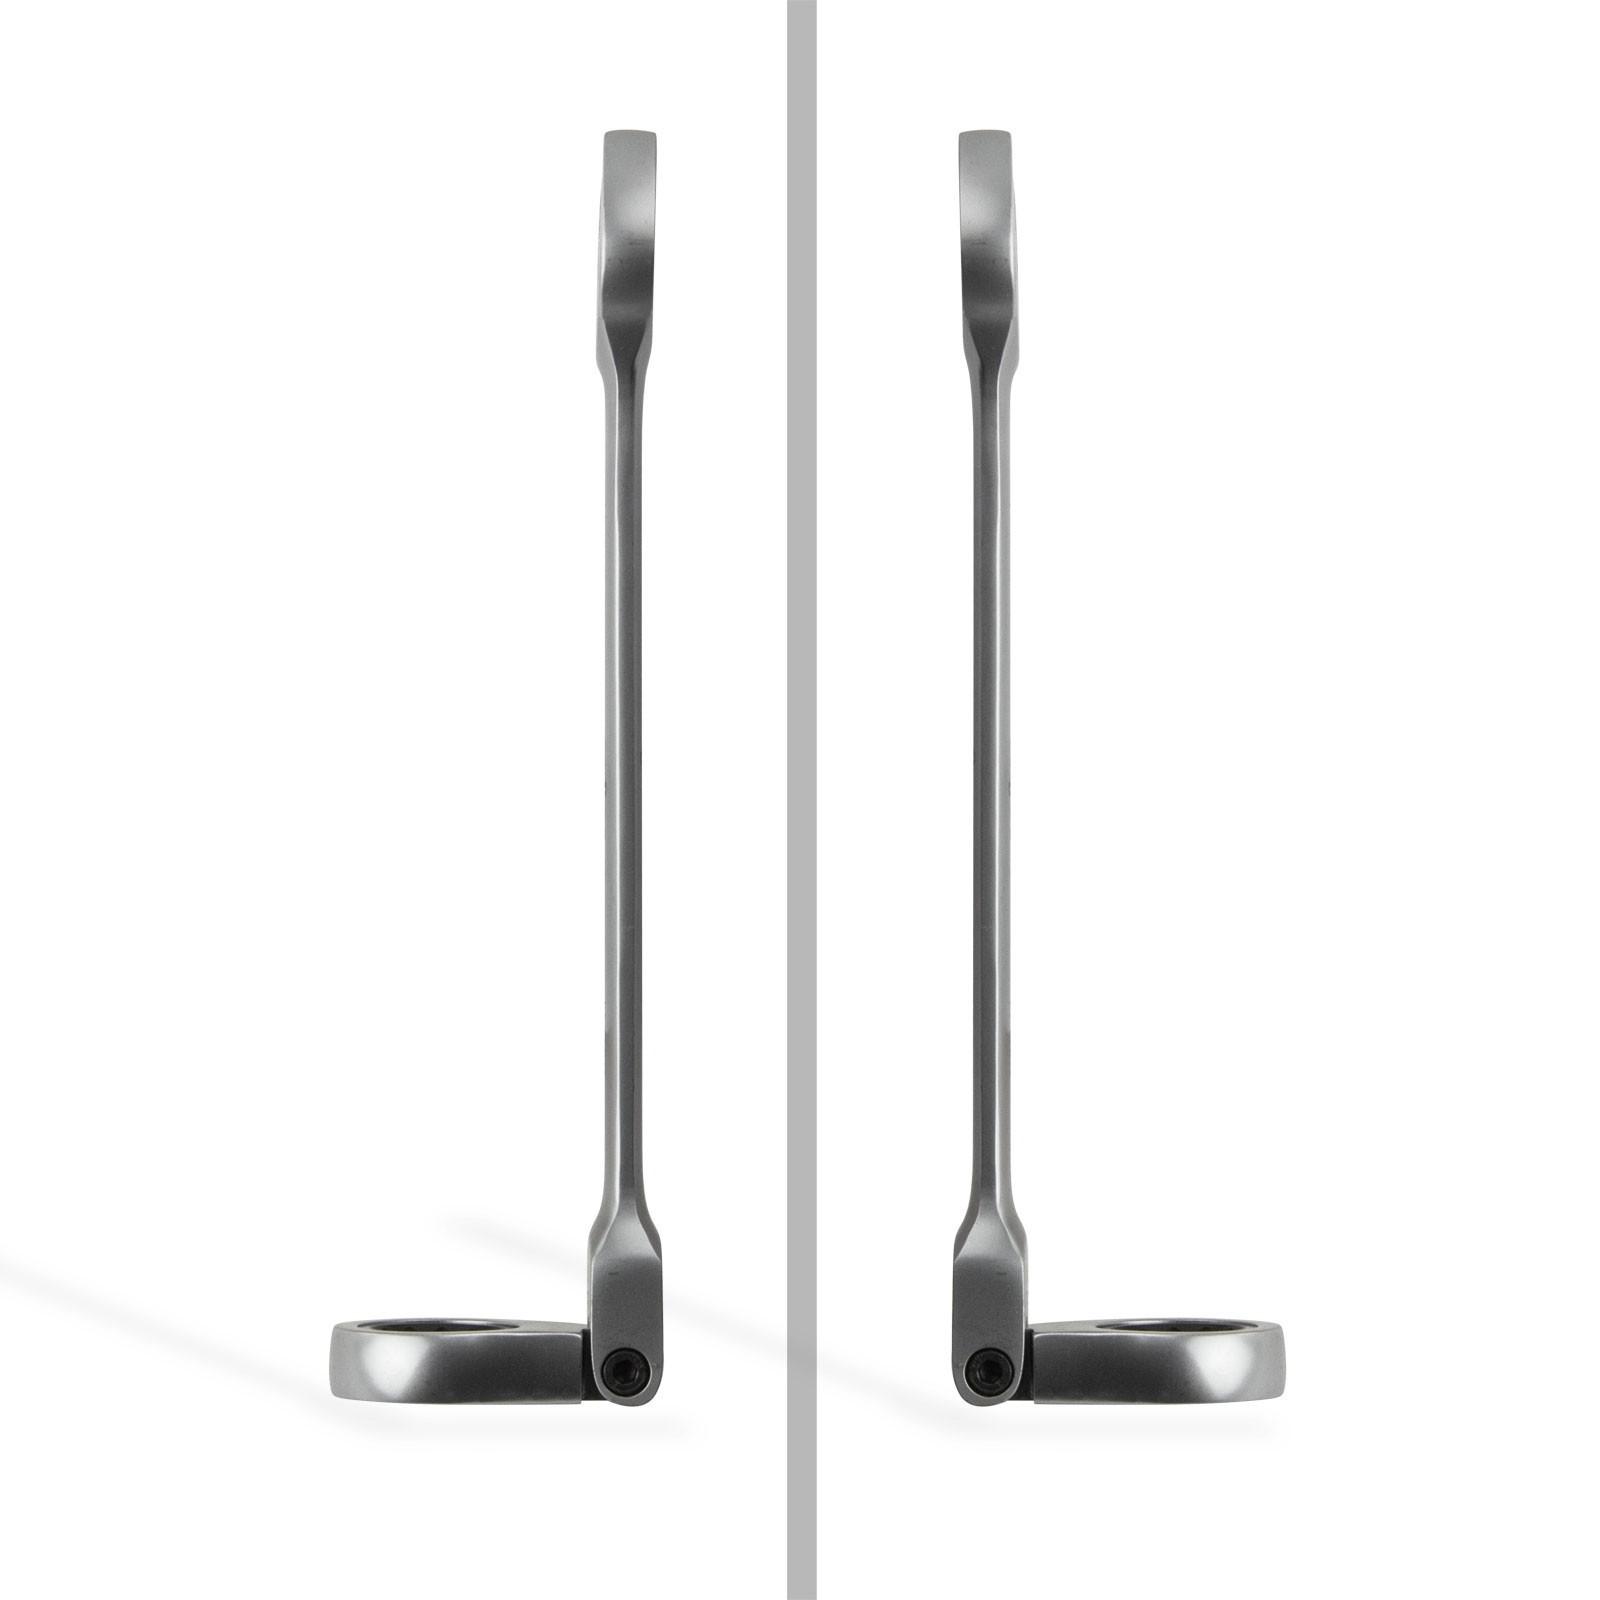 Dema Gelenk- Ratschenringschlüssel / Maul-Ratschenschlüssel 15 mm 21858